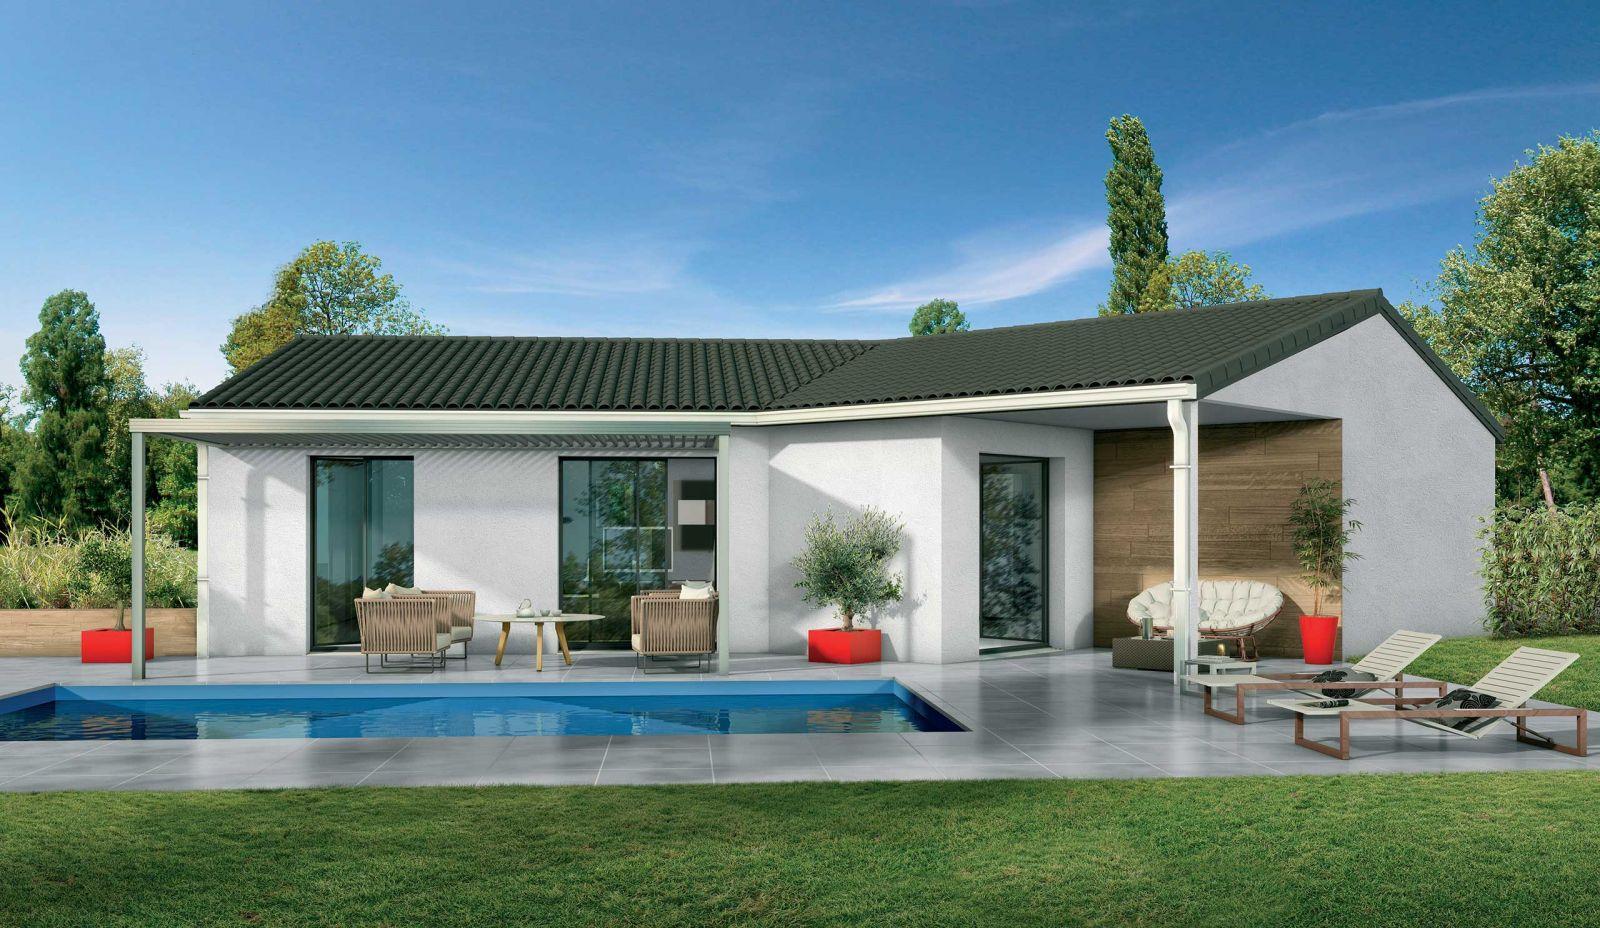 Maison de plain-pied de 115 m² + terrain viabilisé de 1260 m² Loupiac 33410